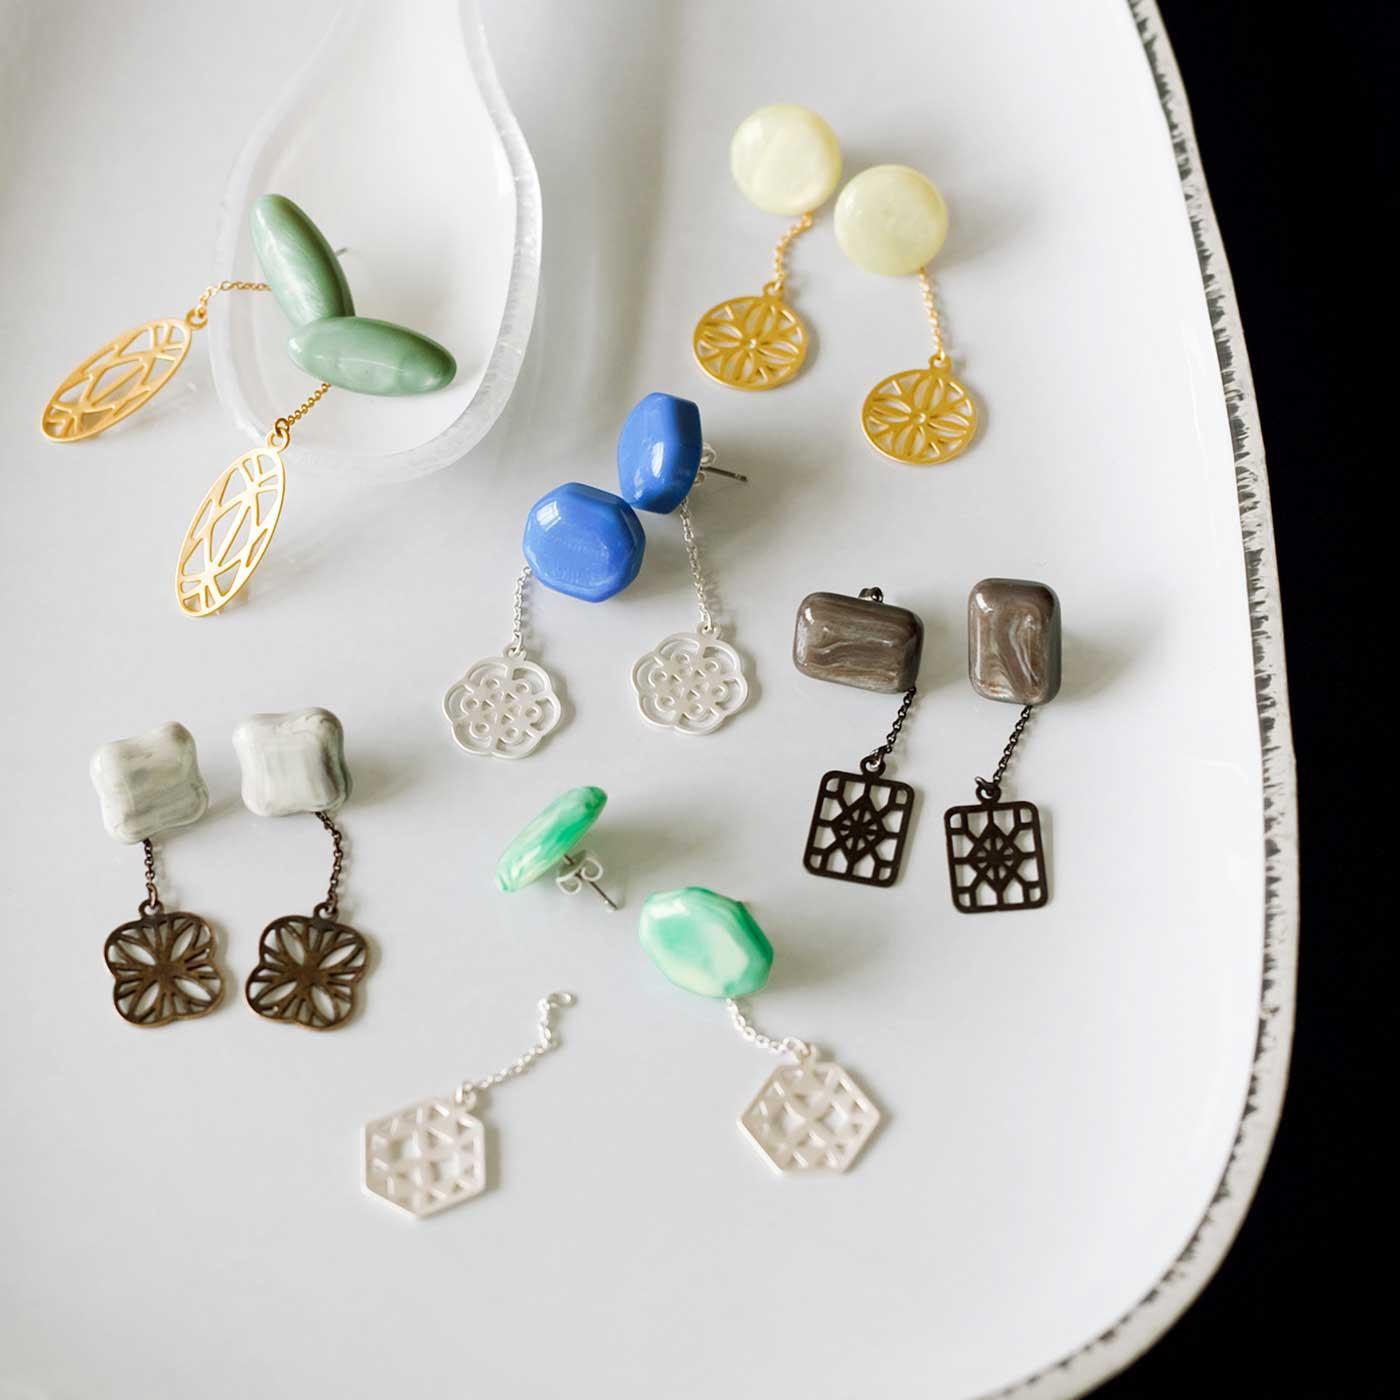 フェリシモ イラストレーター 山本祐布子さんと作った ミルク生まれのやさしい風合い 光を透かせるイヤアクセサリーの会